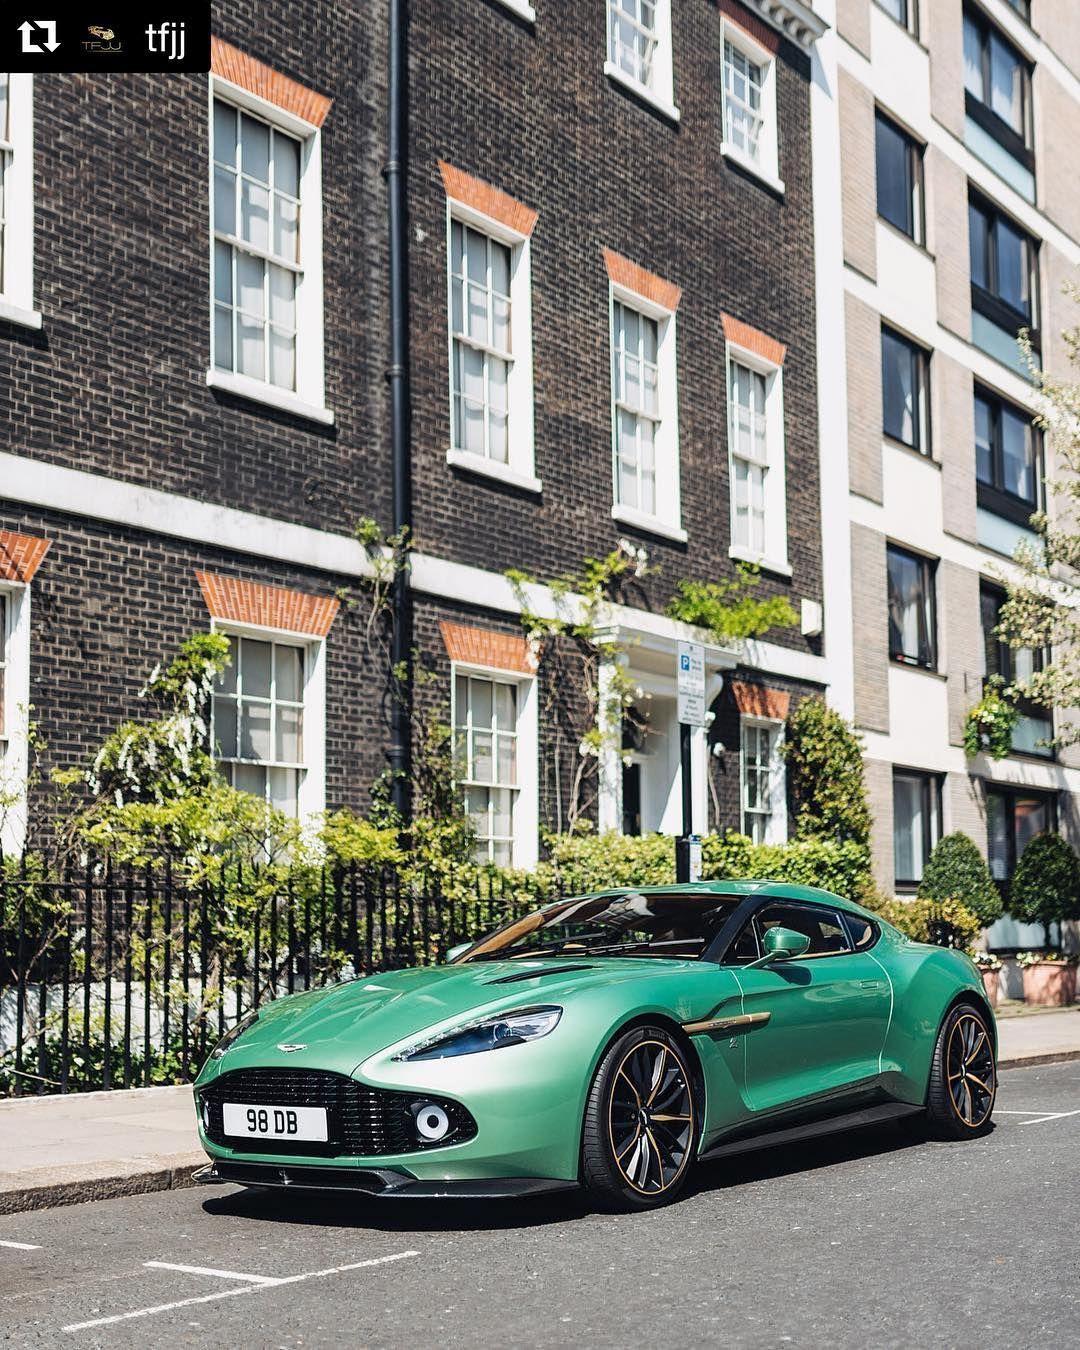 Aston Martin News On Instagram What A Spec On This Aston Martin